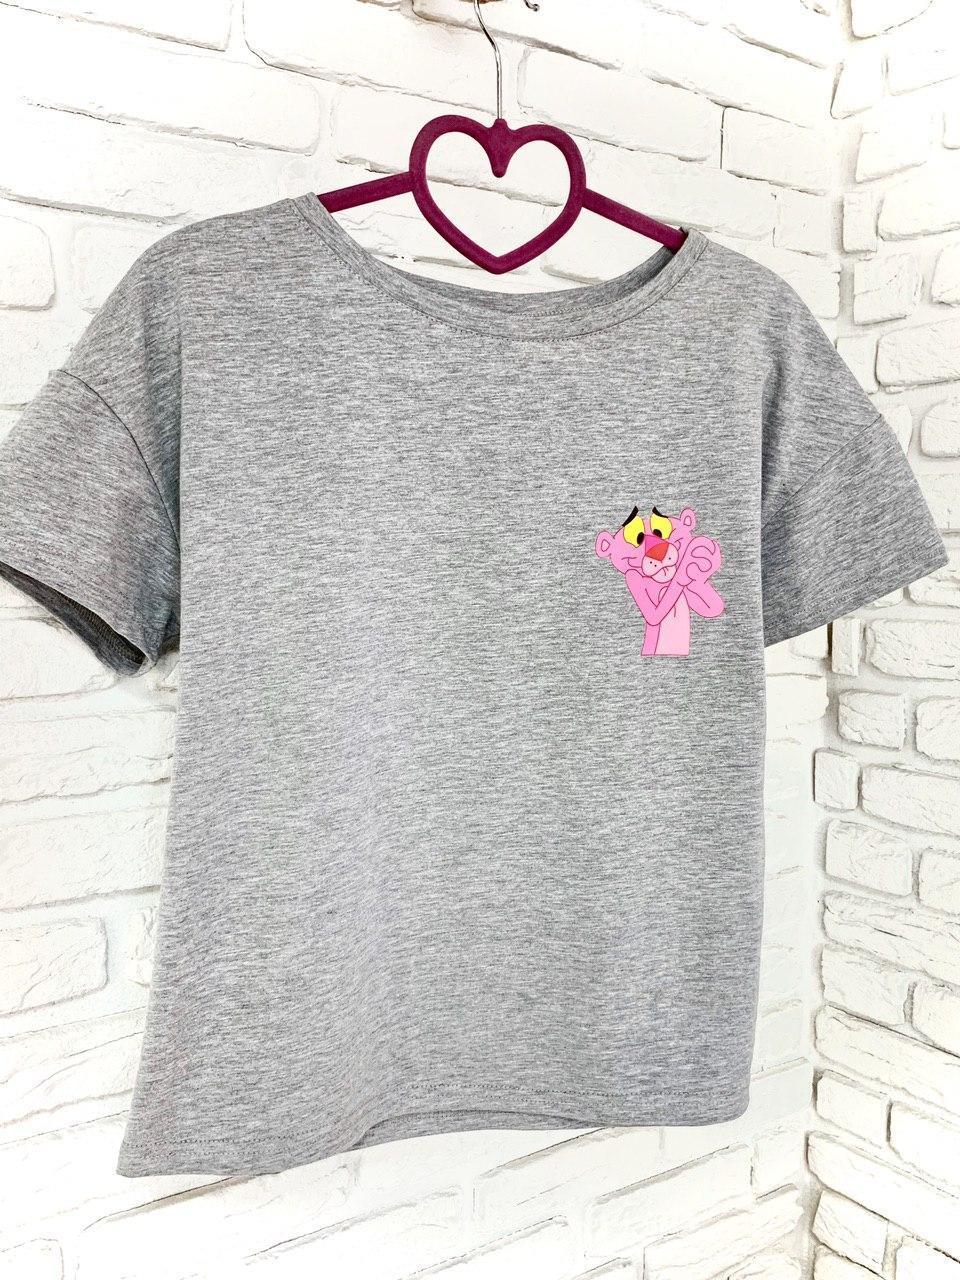 Женская Футболка хлопок с принтом Pink panther розовая пантера серая